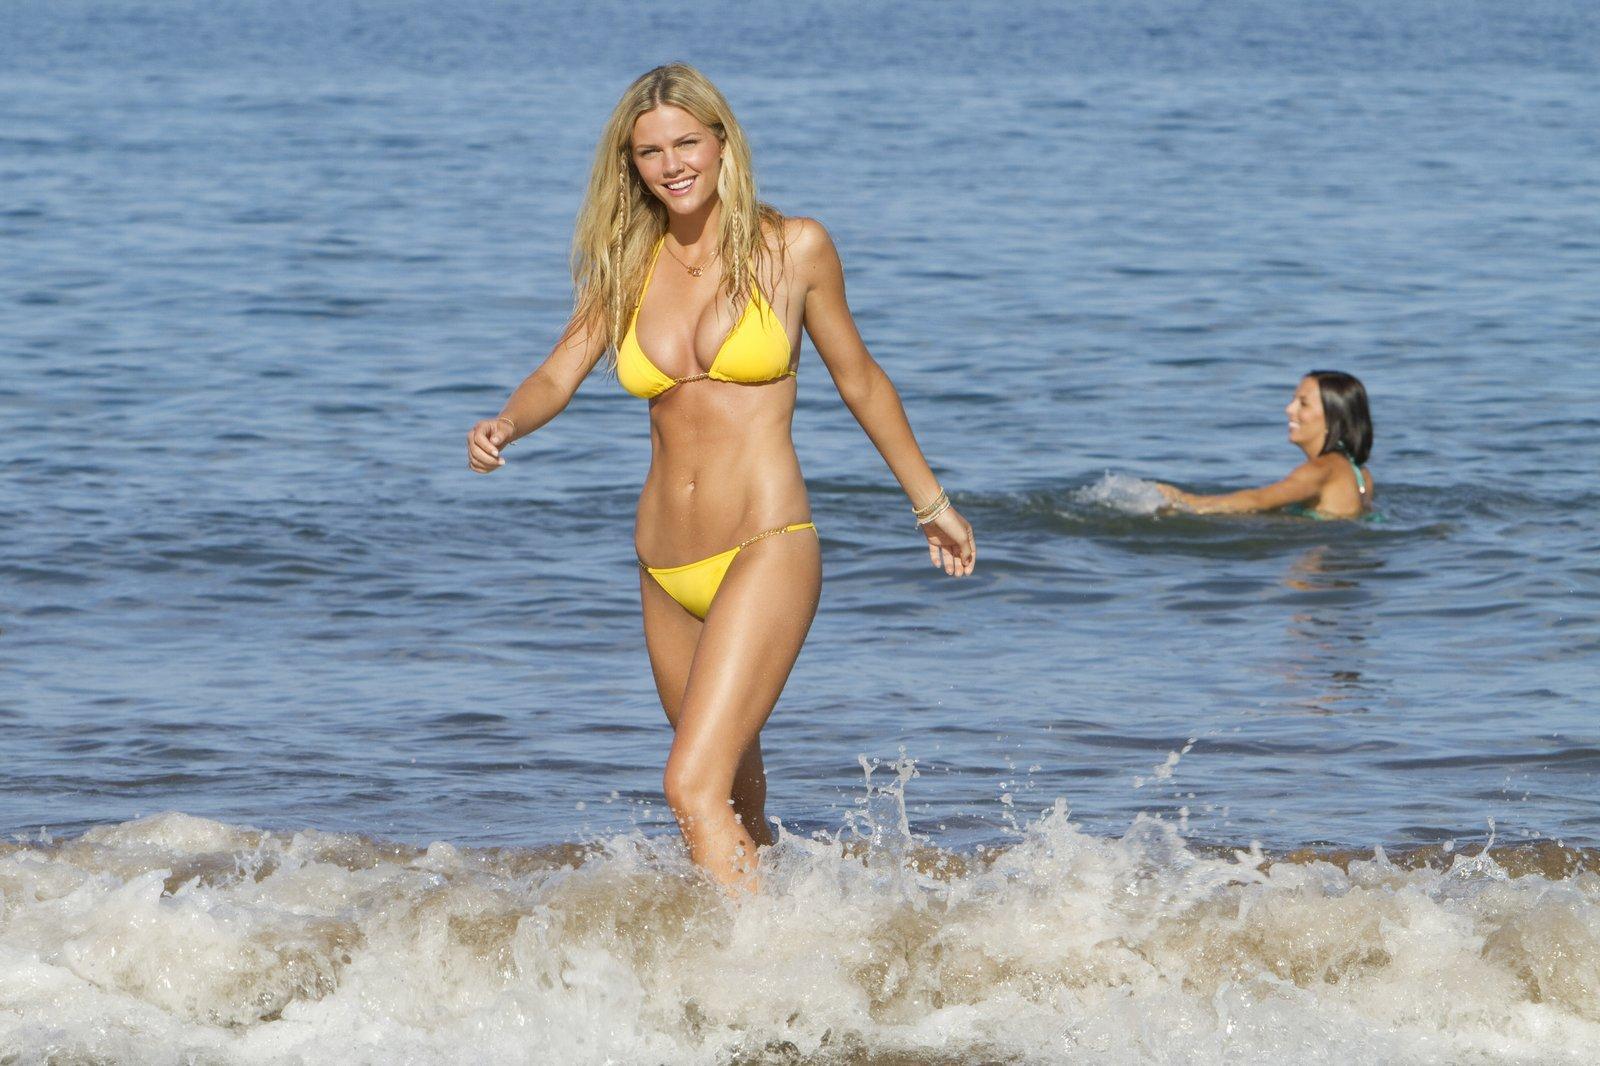 Смотреть девочек на пляже онлайн 5 фотография